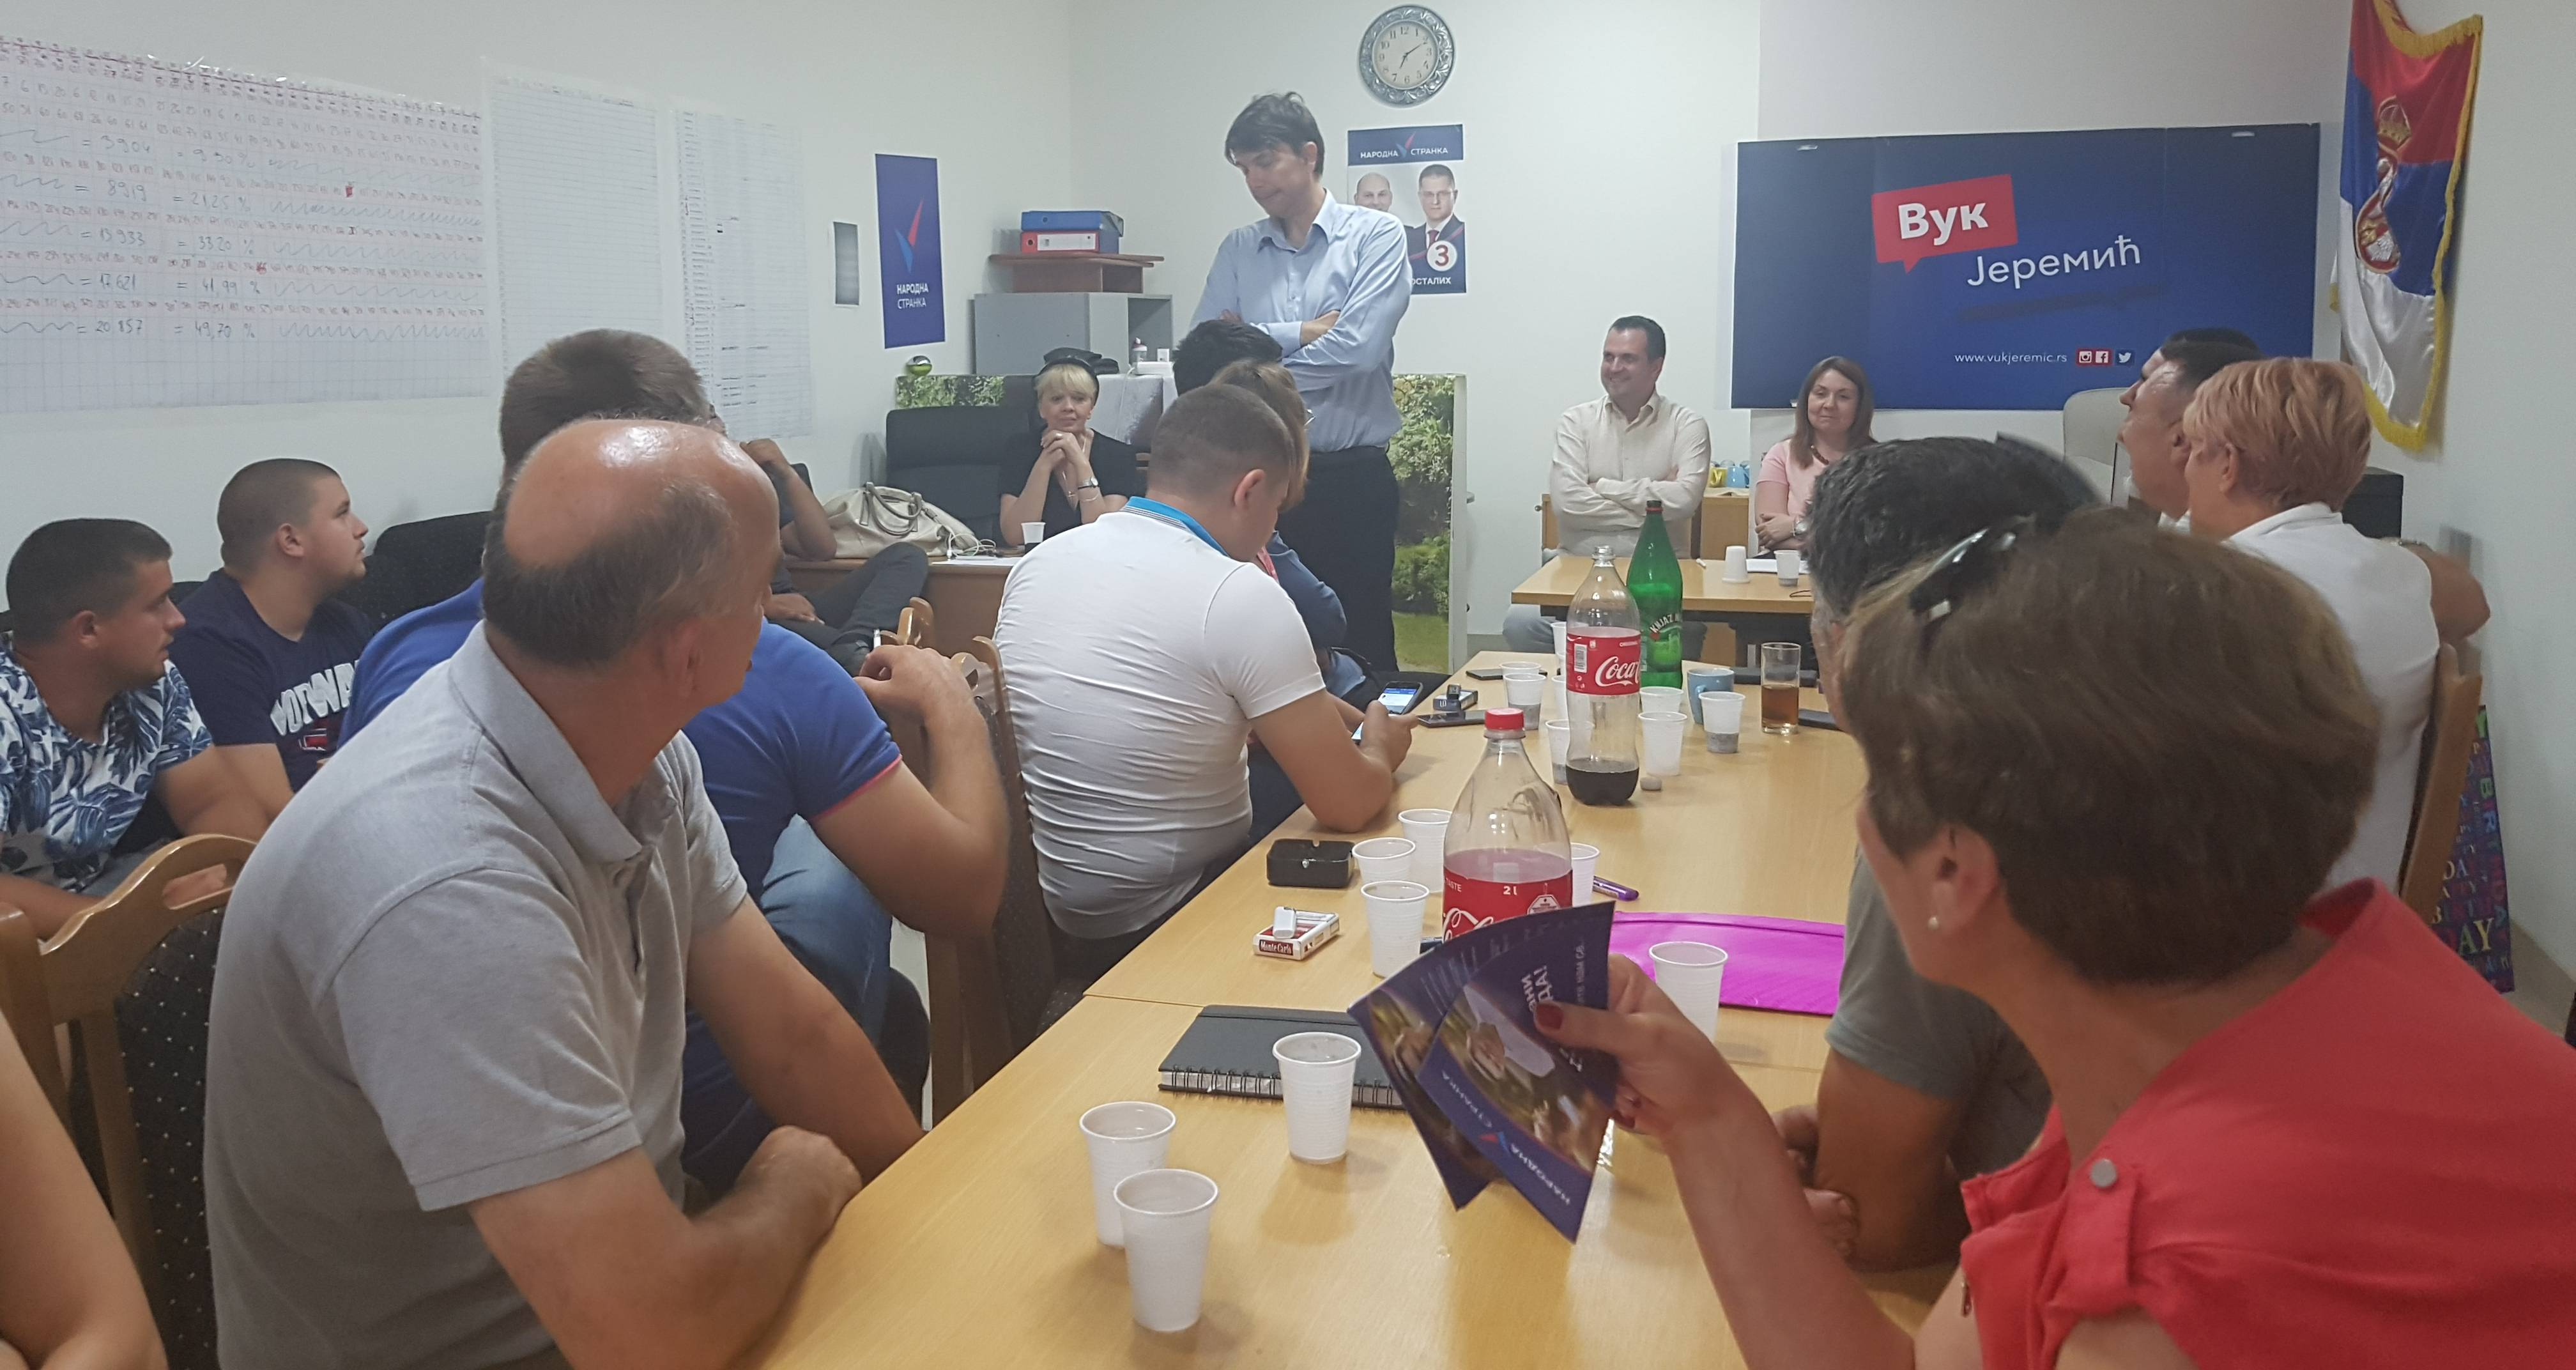 Јовановић: Народна странка ослонац за све незадовољне у Србији